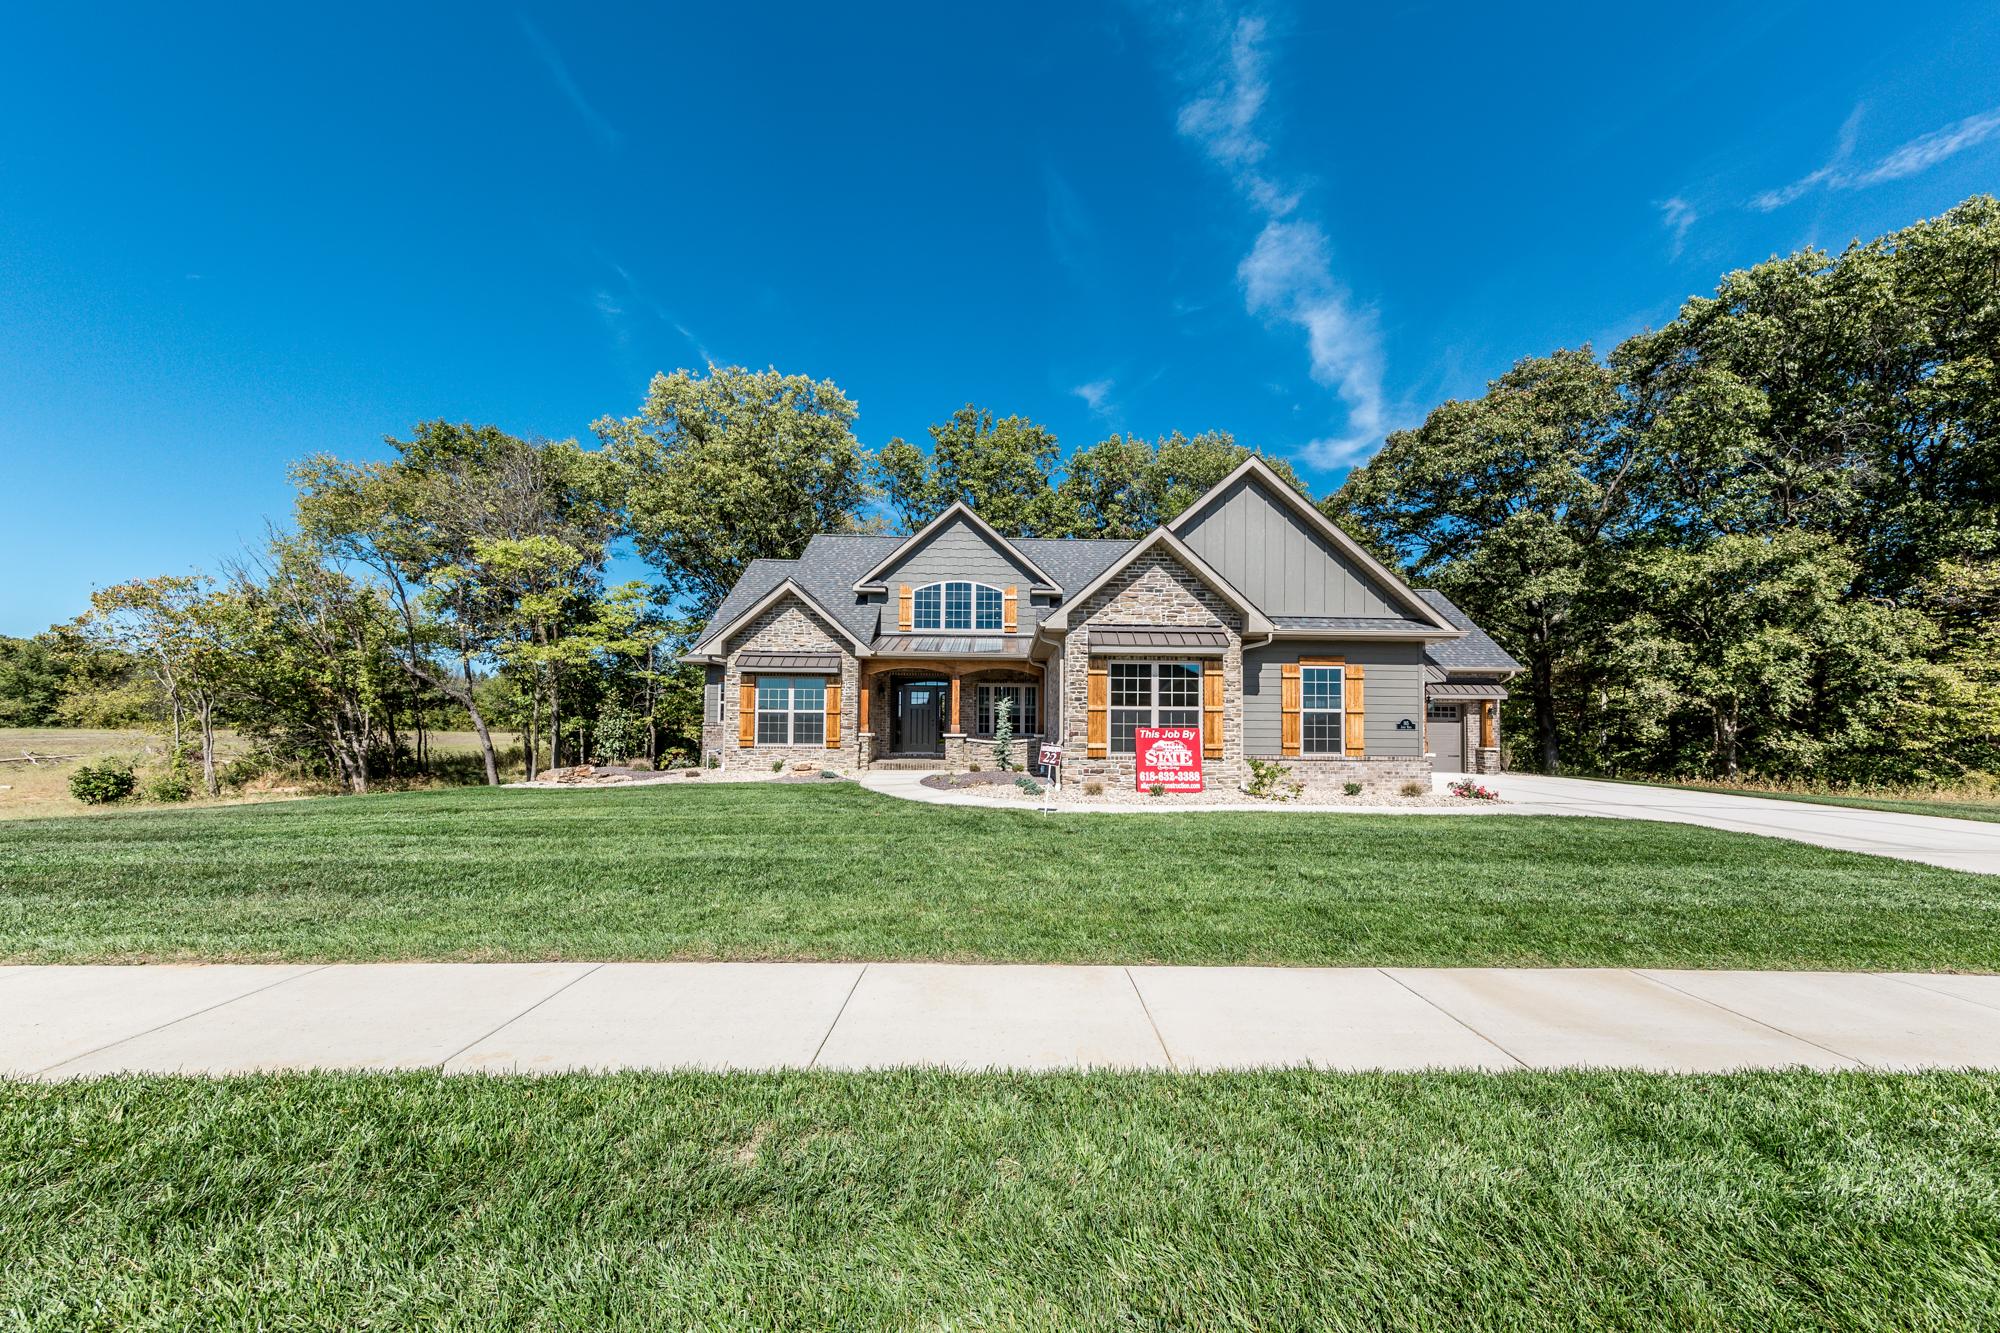 3-Scott-AFB-Real-Estate-For-Sale-O'Fallon-Illinois-62269-2.jpg